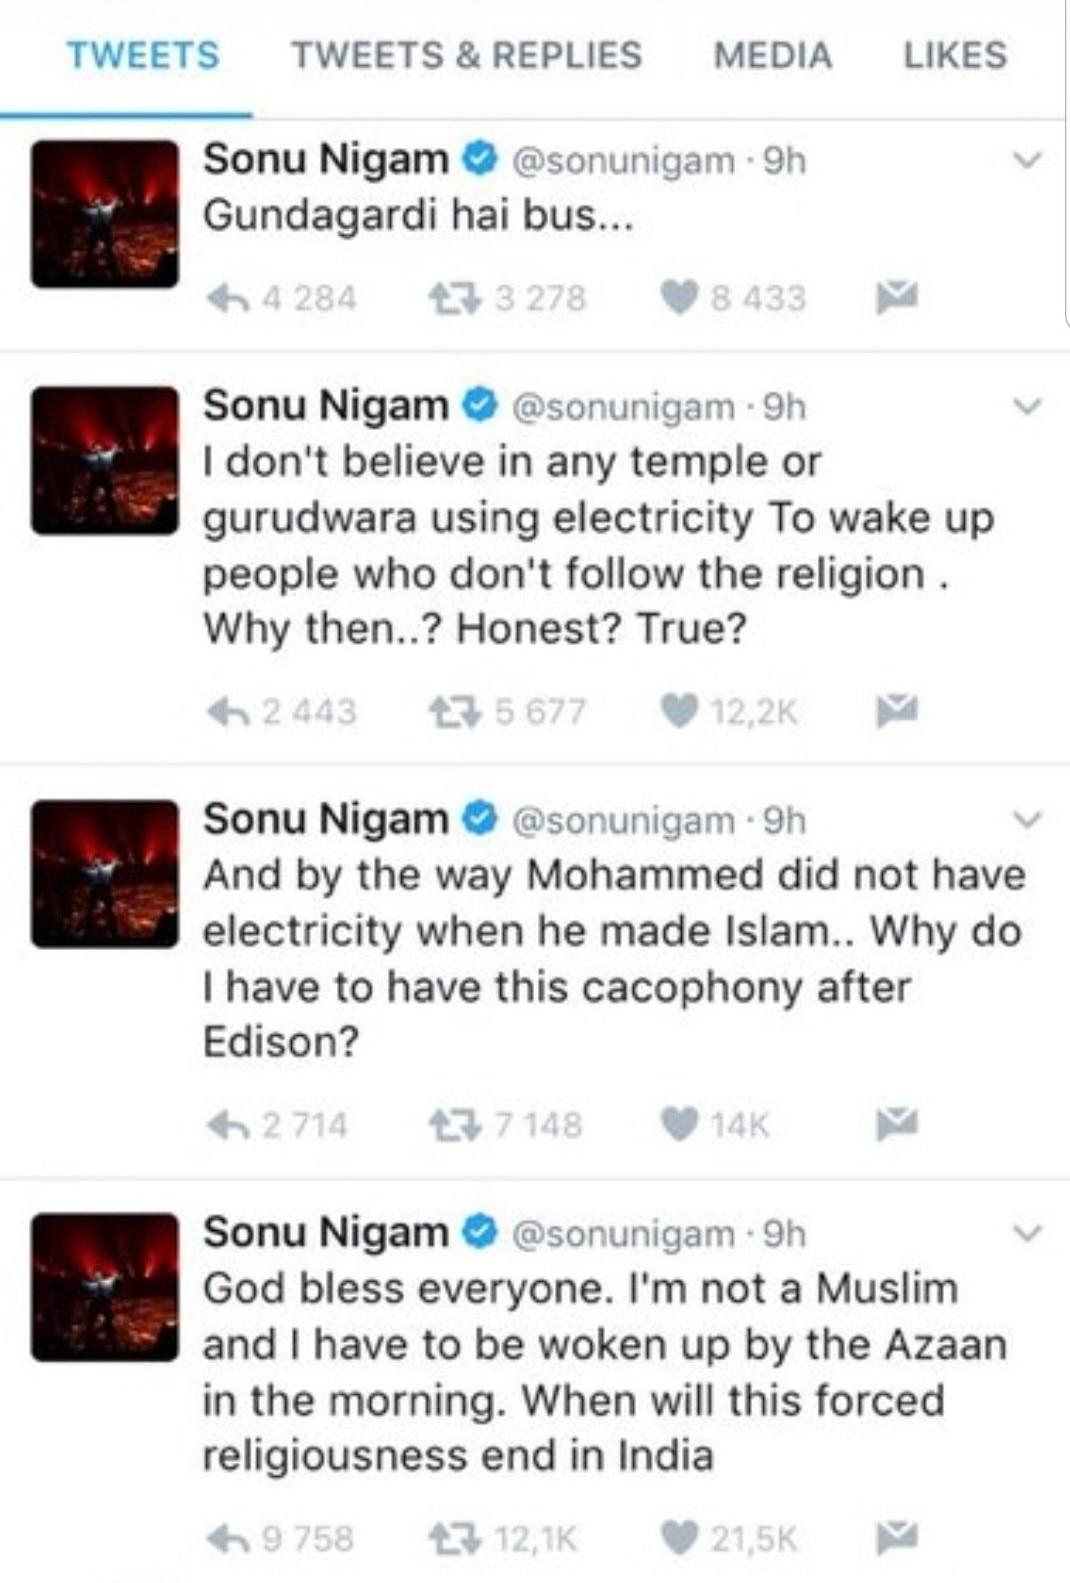 सोनू के ट्वीट का स्क्रीनशॉट.